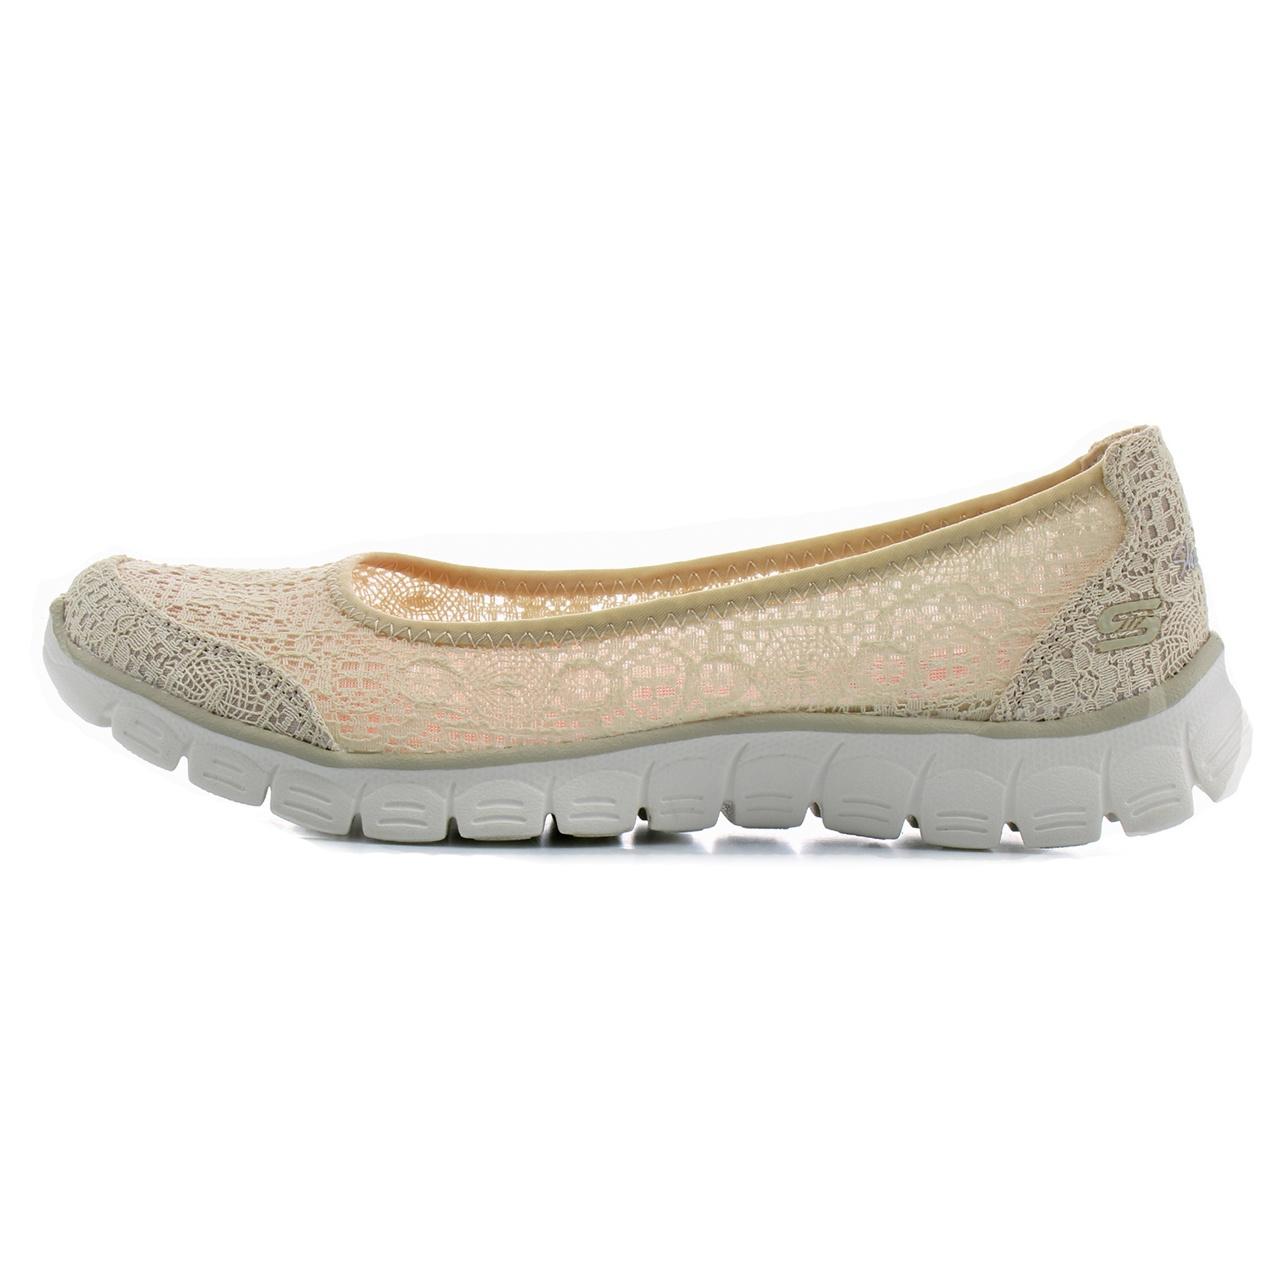 کفش مخصوص پیاده روی زنانه اسکچرز مدل MIRACLE 23437NAT